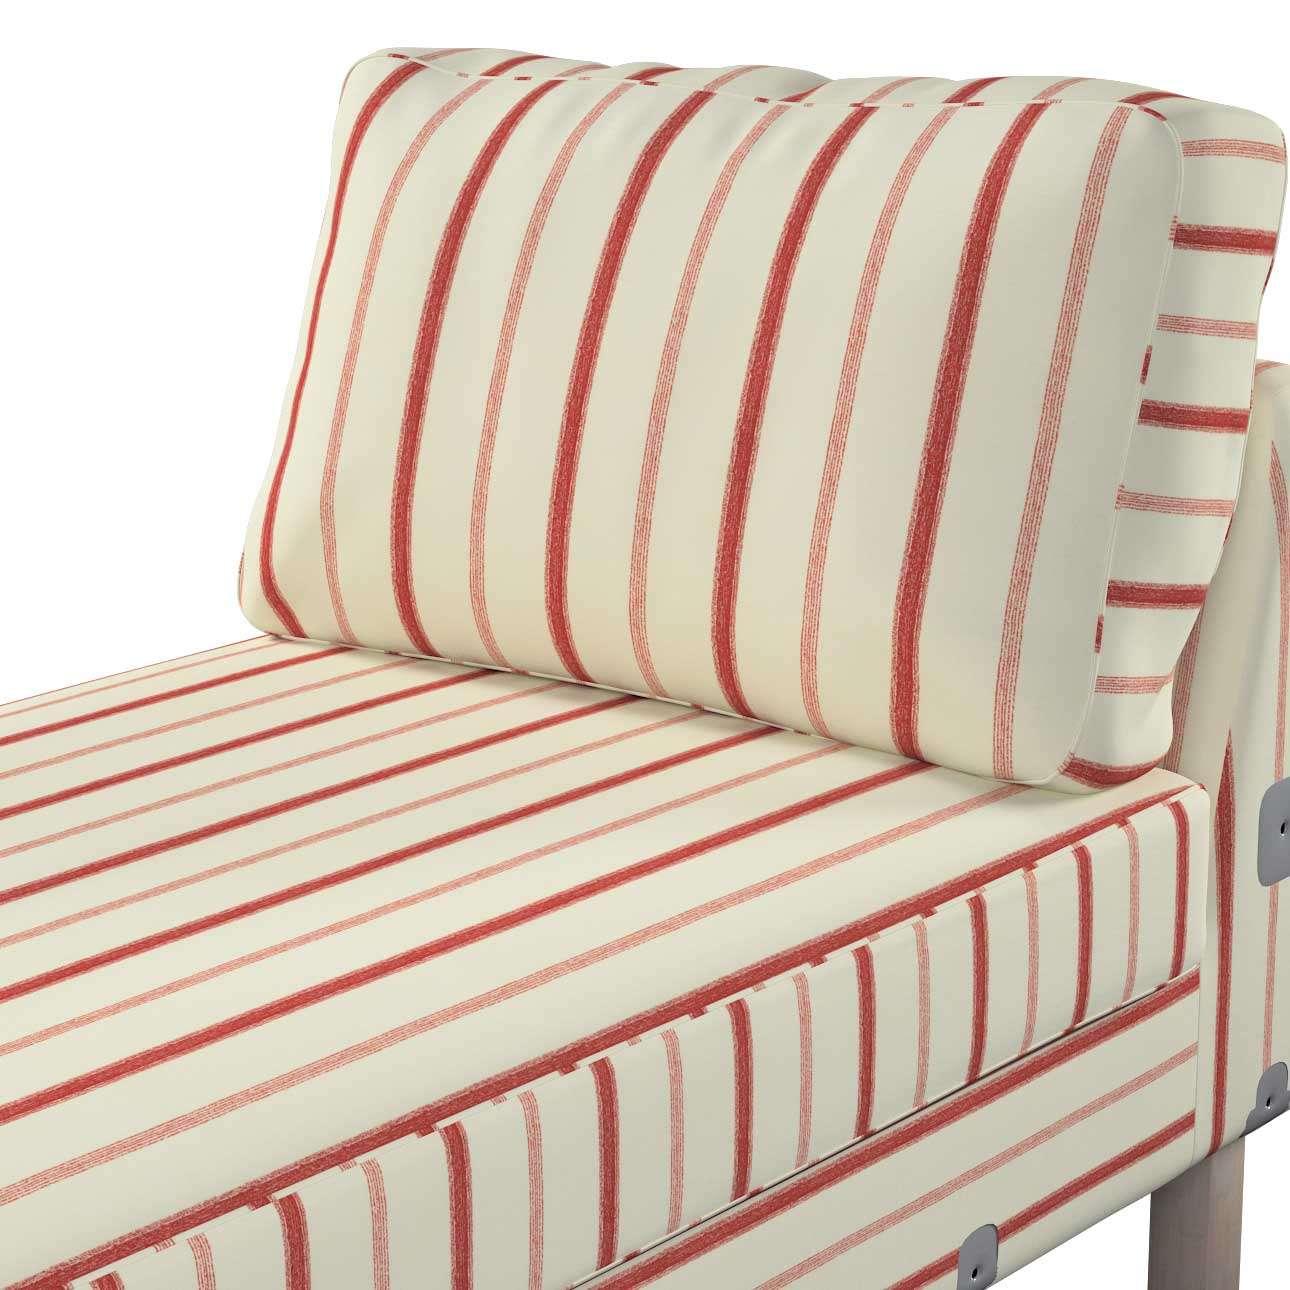 KARSLTAD sofos gulimojo krėslo užvalkalas kolekcijoje Avinon, audinys: 129-15